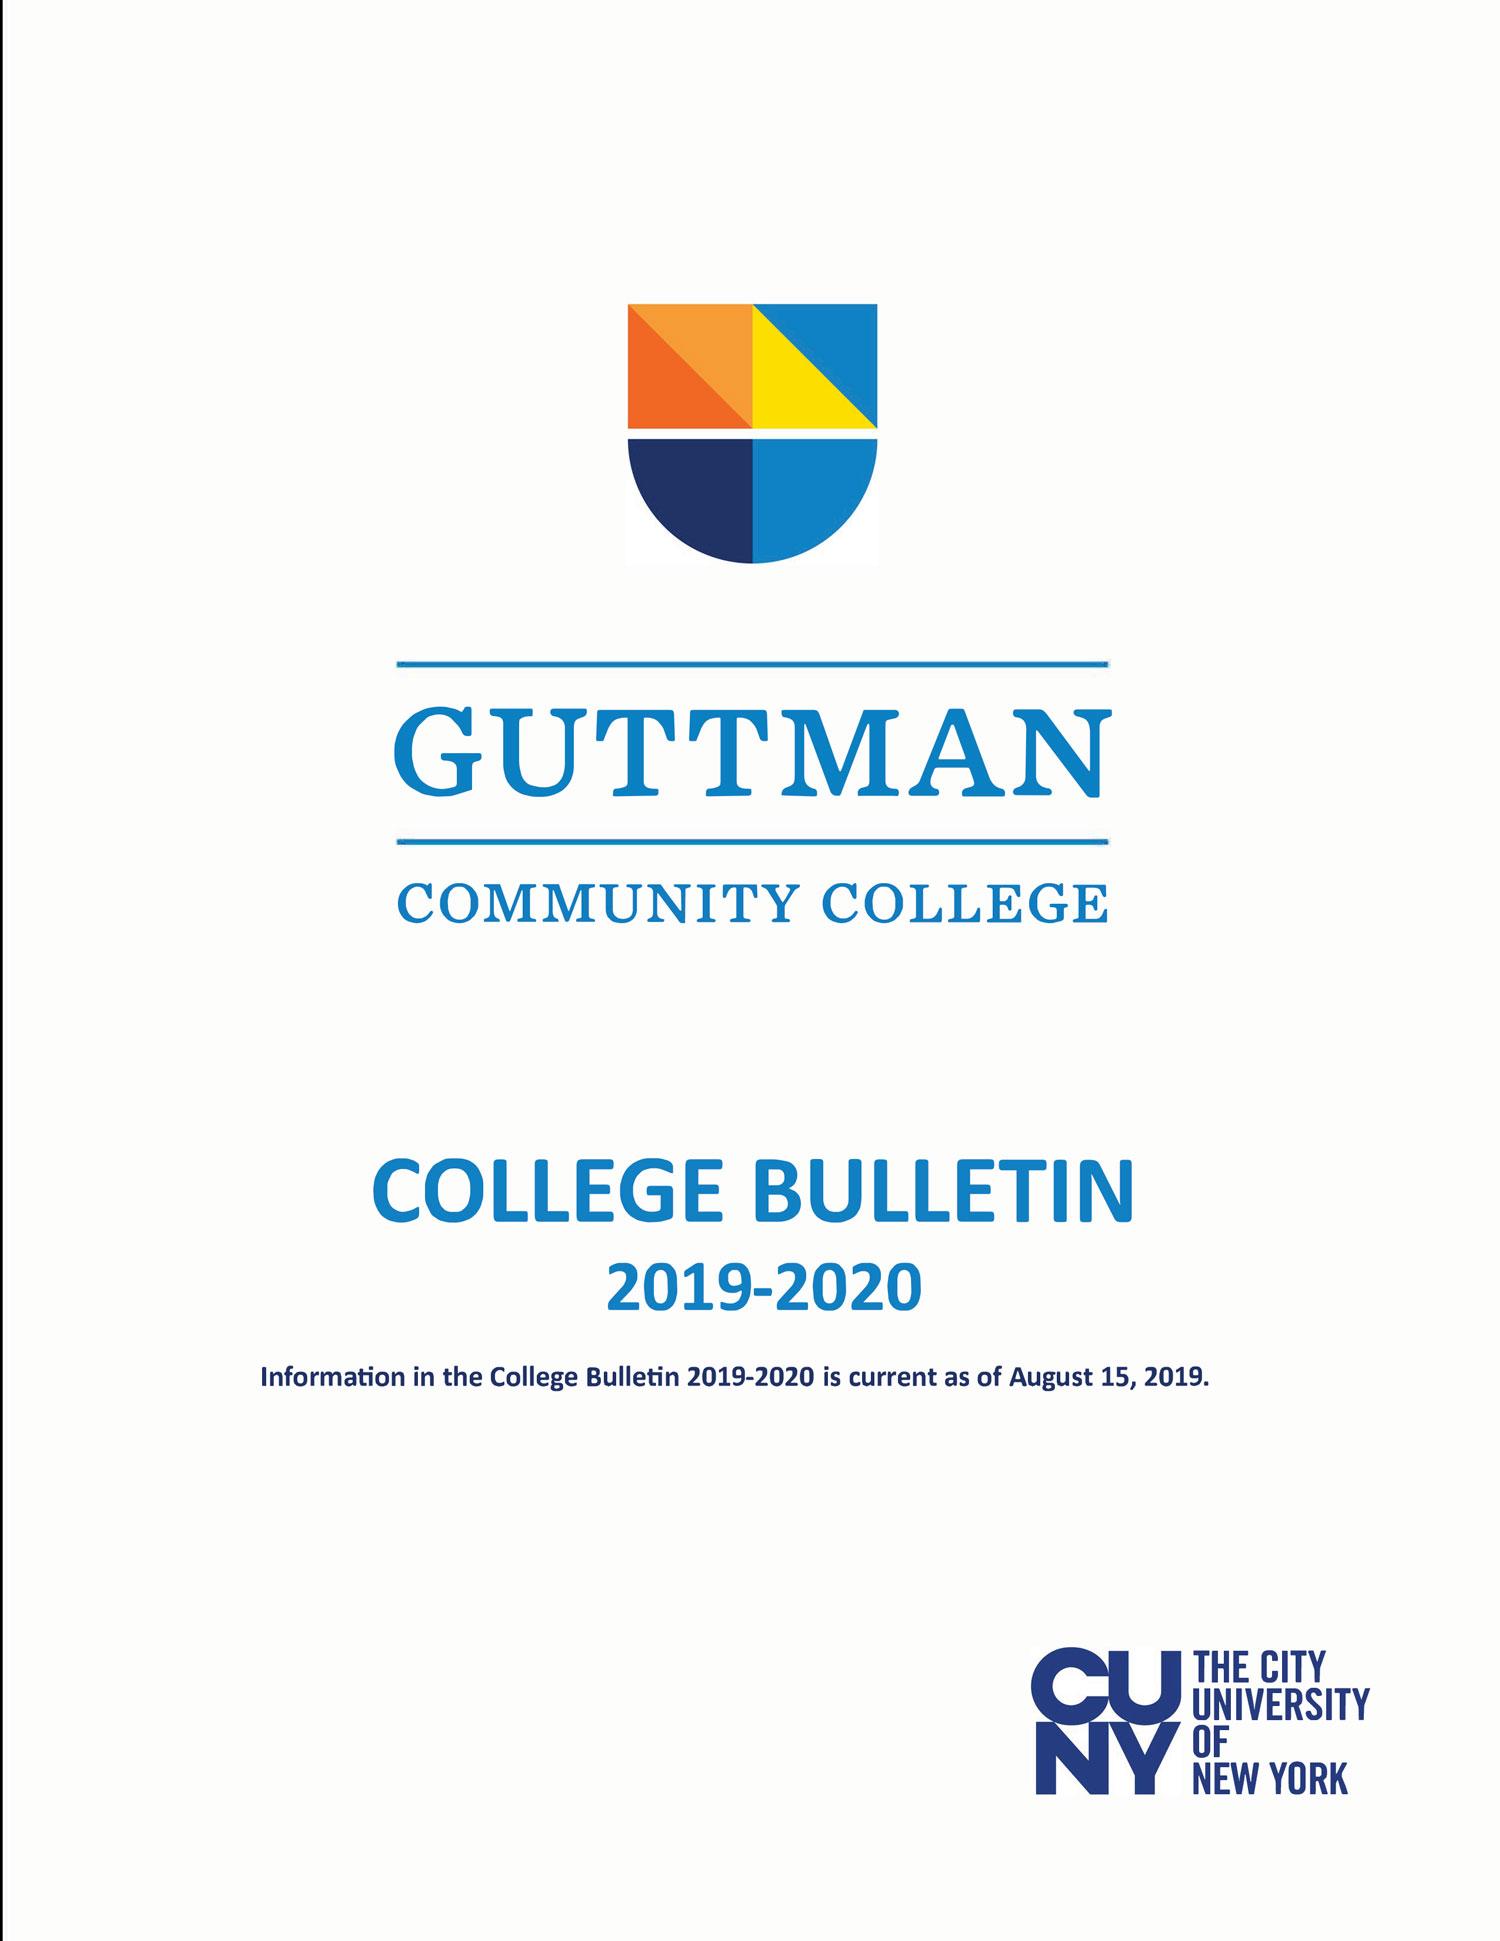 2019-2020 Bulletin cover